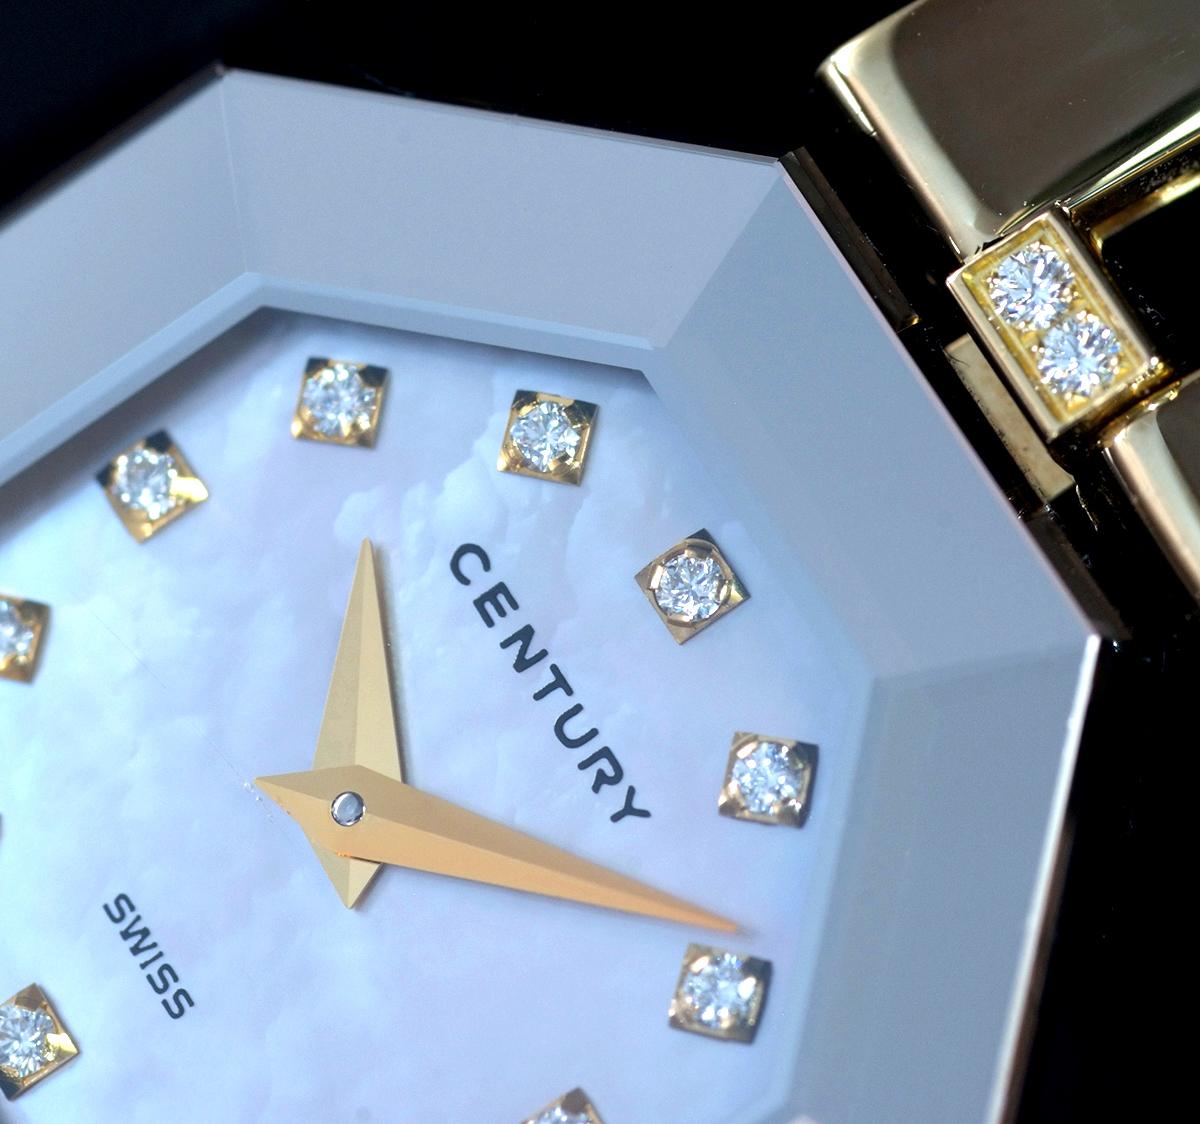 E9768【CENTURY】センチュリー 純正ダイヤモンド 最高級18金無垢セレブリティレディQZ 腕周り16cm 重量61.31g ケース幅22.7mm